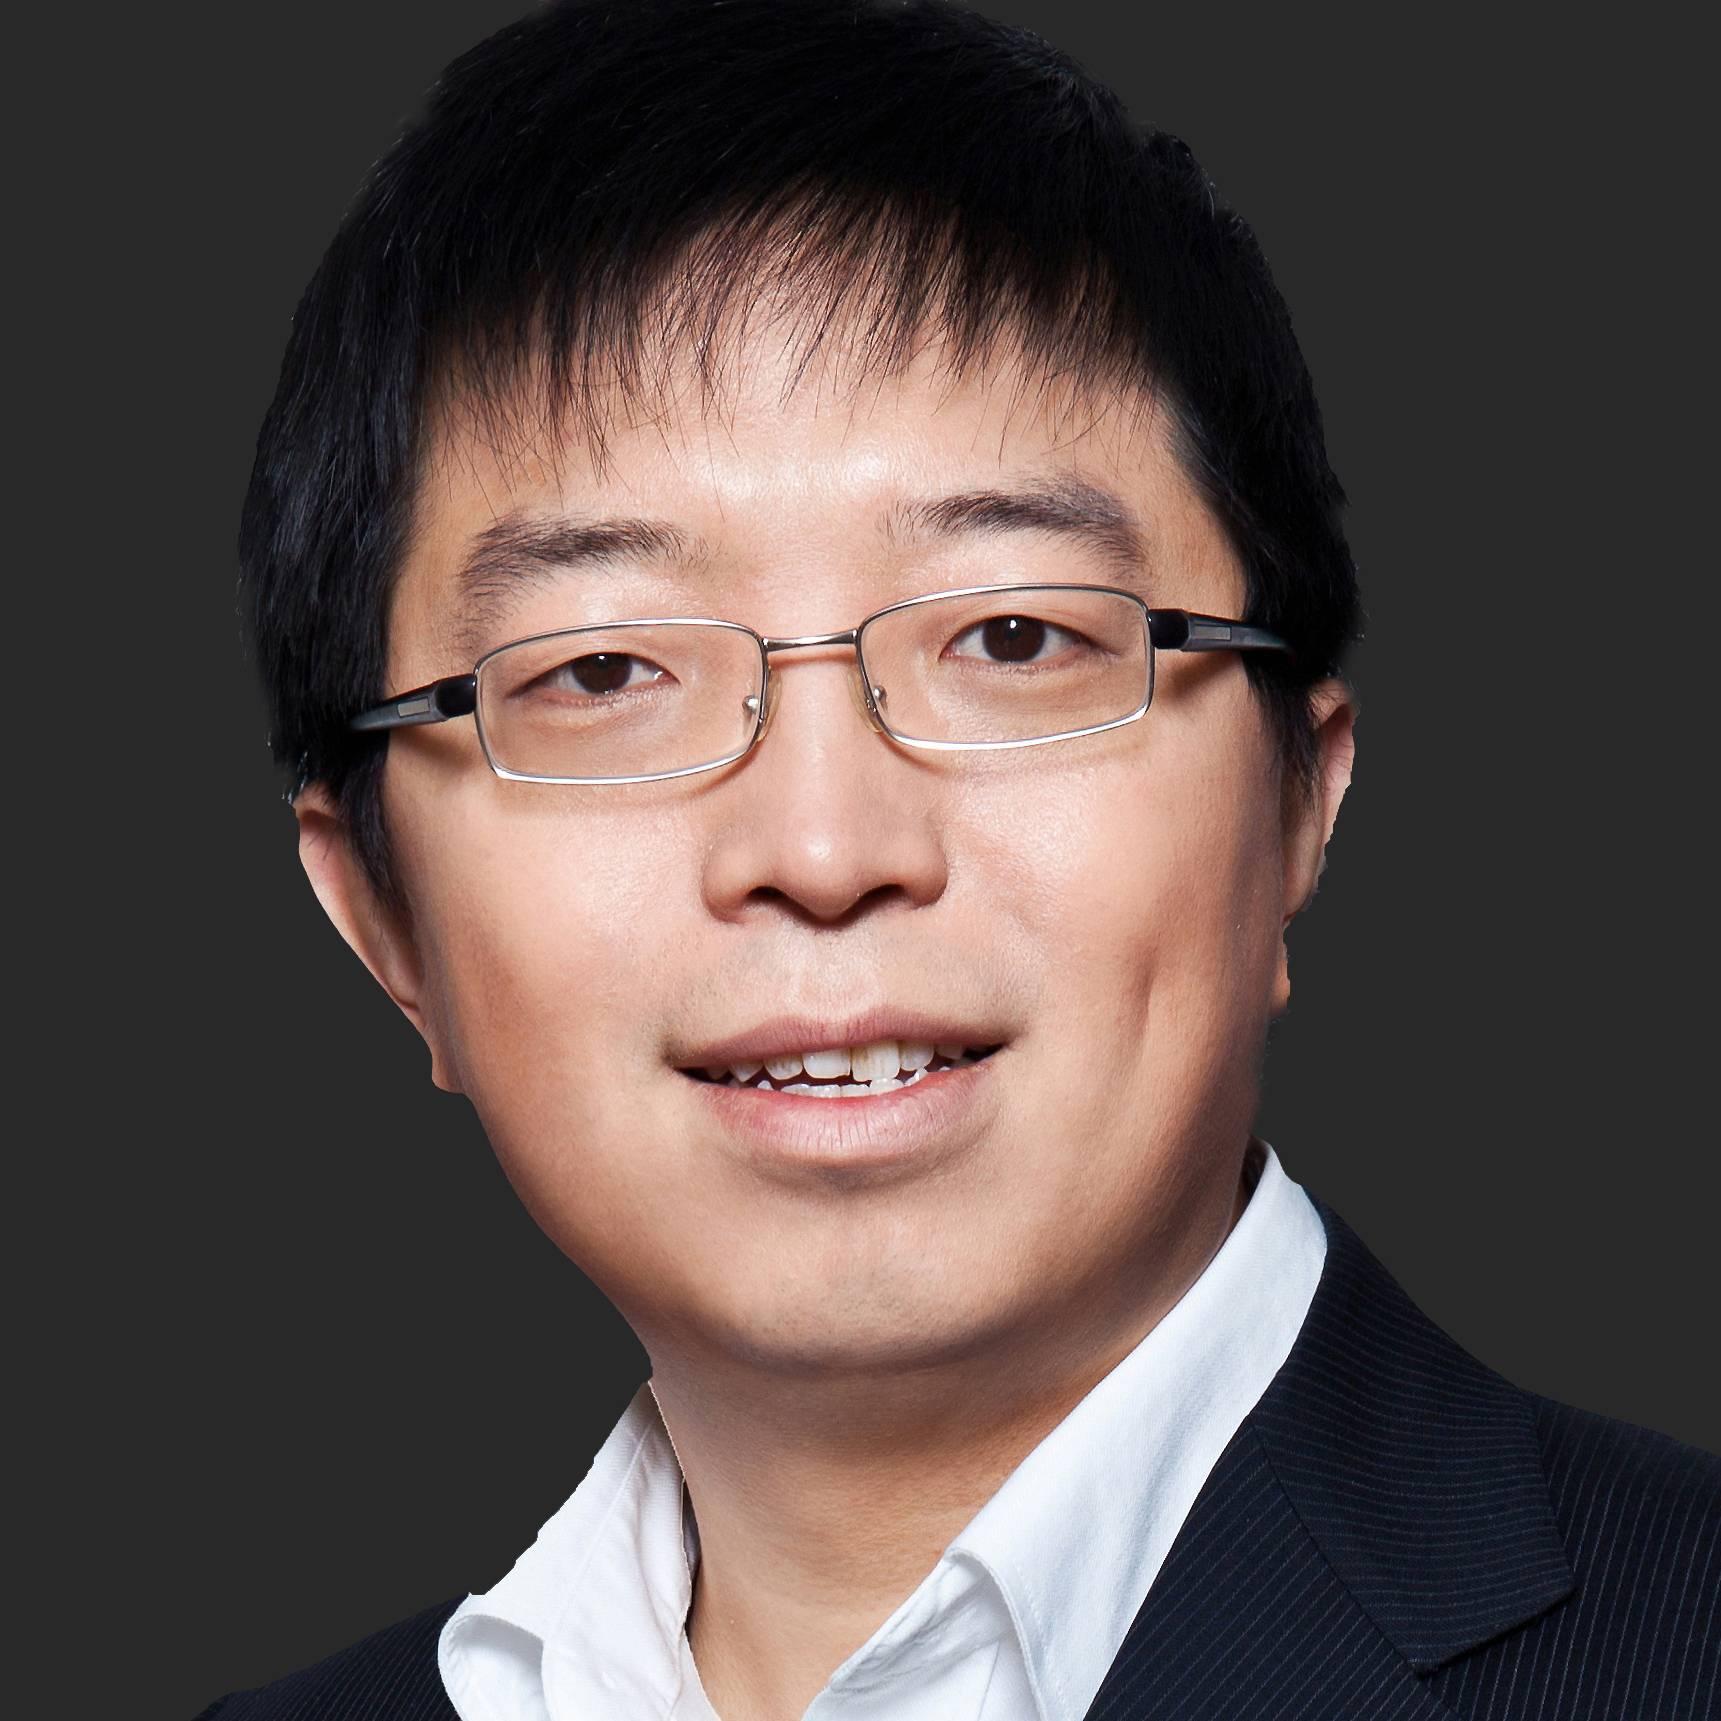 BC资本 董事总经理 曹军波